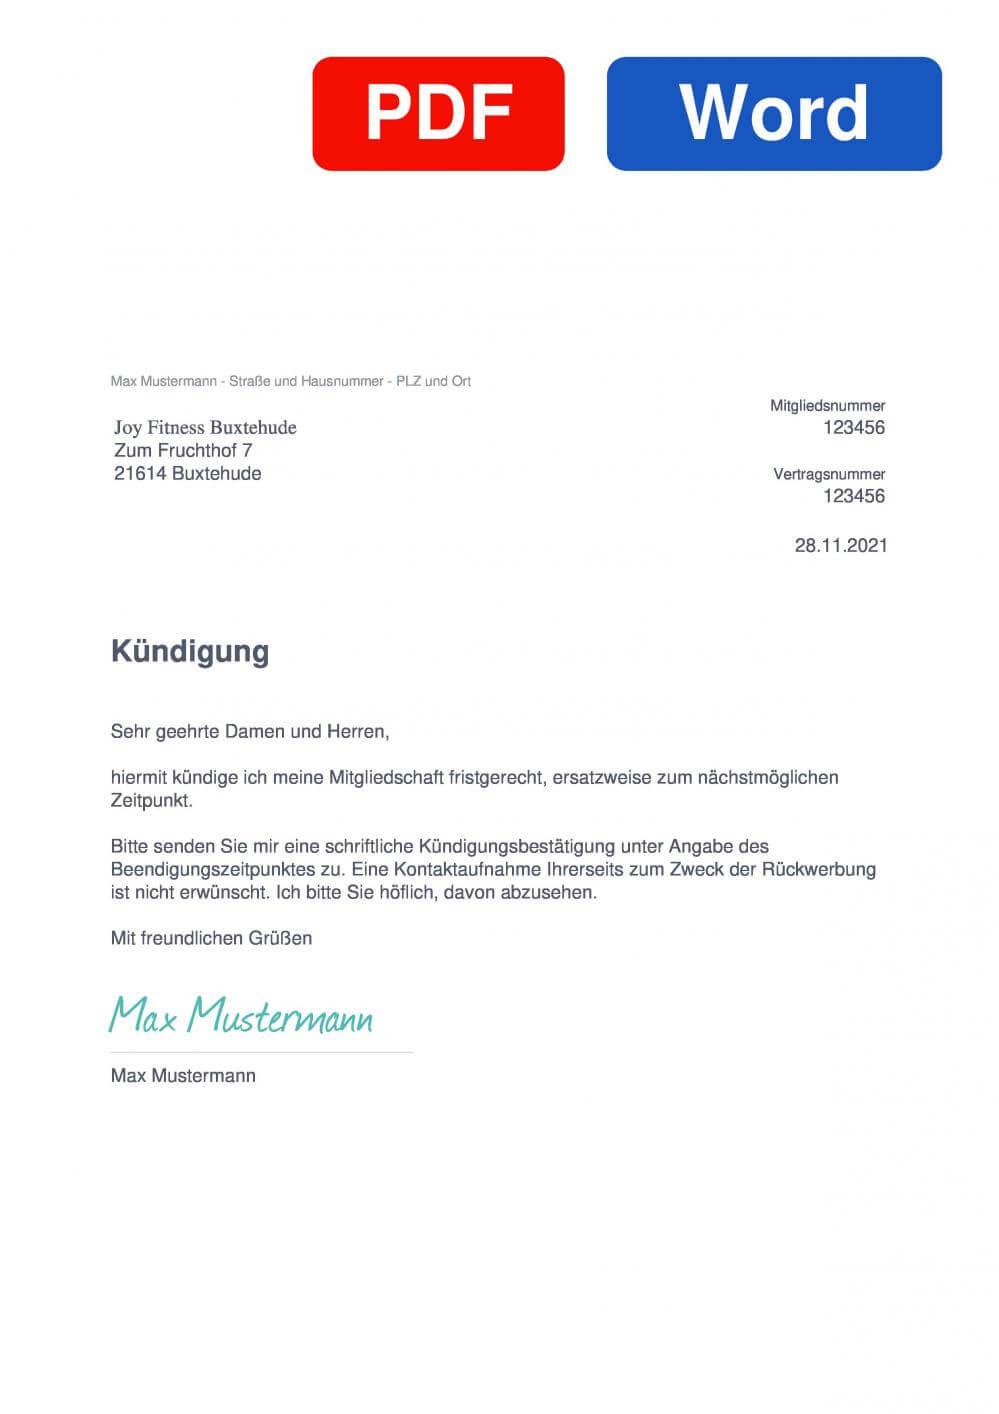 JOY Fitness Buxtehude Muster Vorlage für Kündigungsschreiben